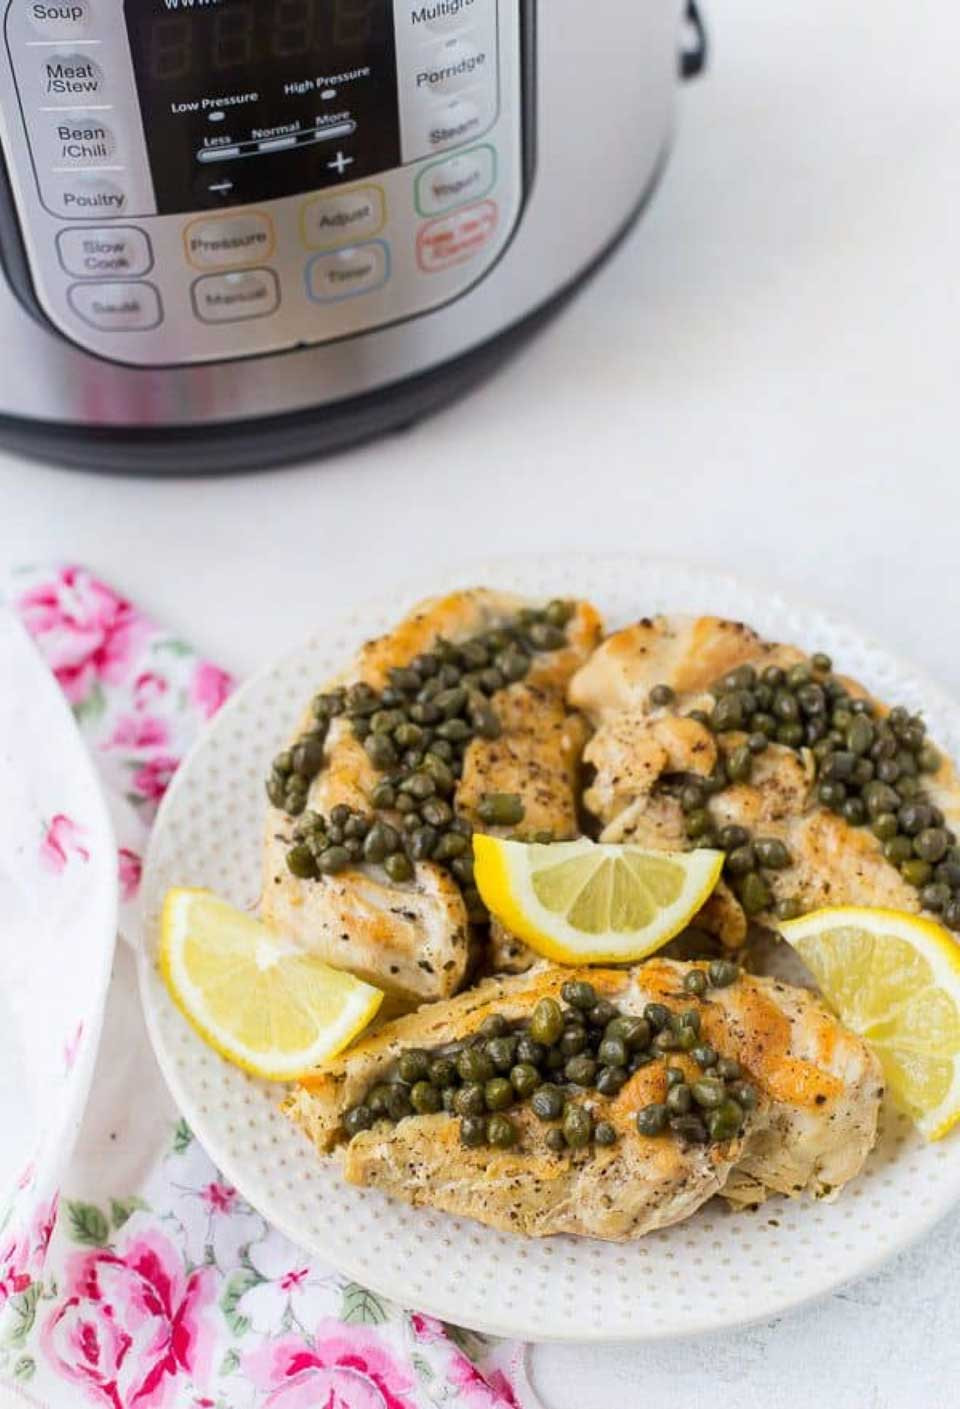 Instant Pot Chicken Recipes Healthy  Healthy Instant Pot Chicken Recipes Two Healthy Kitchens